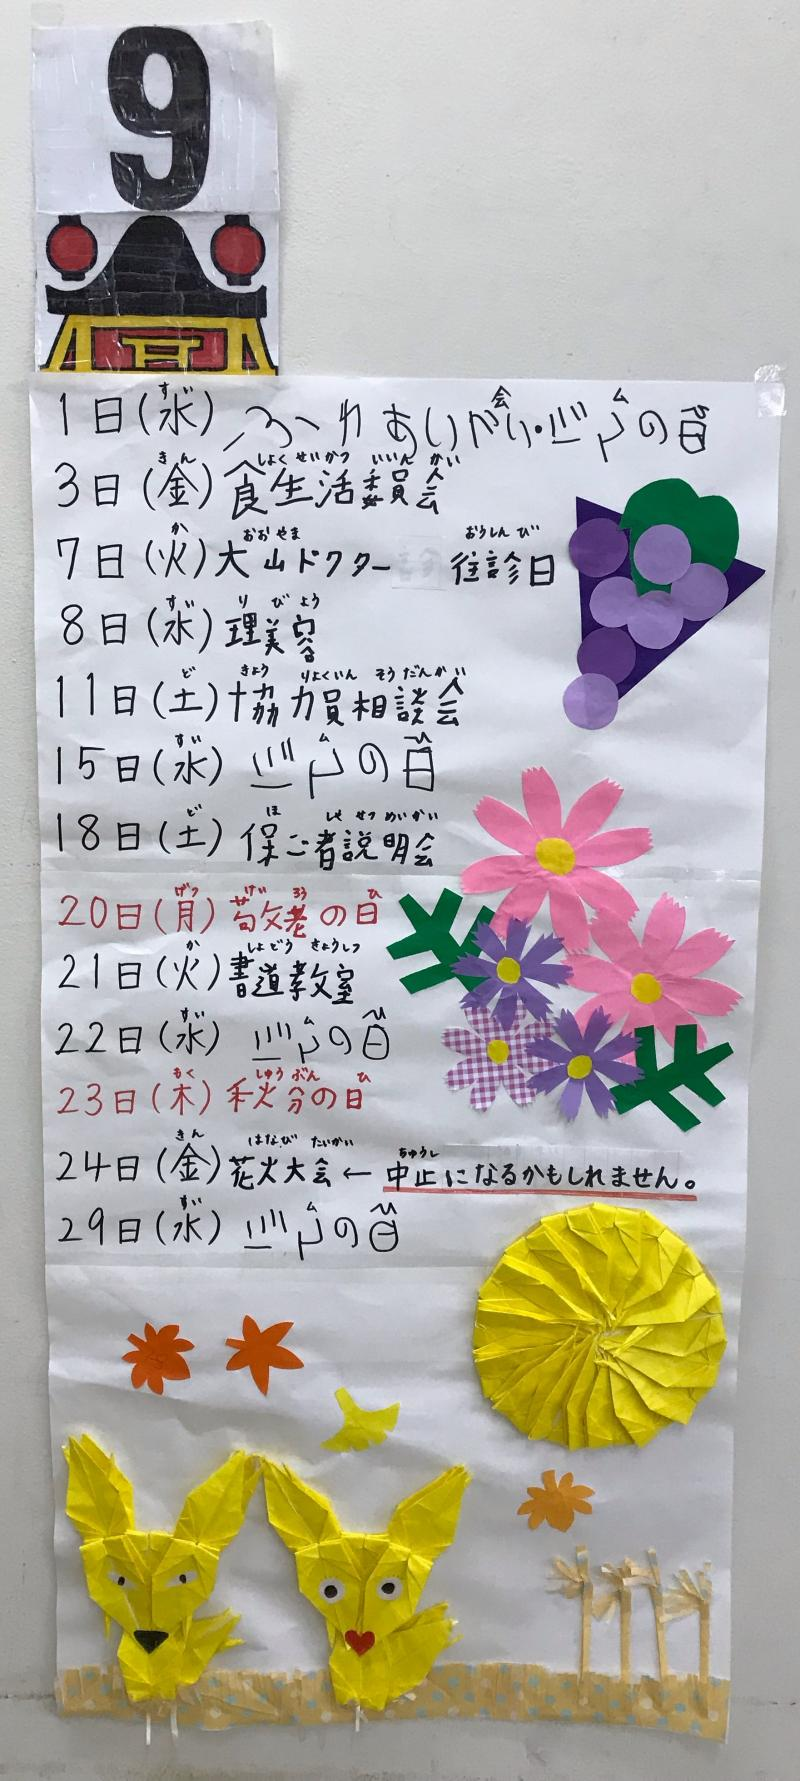 9月の予定表